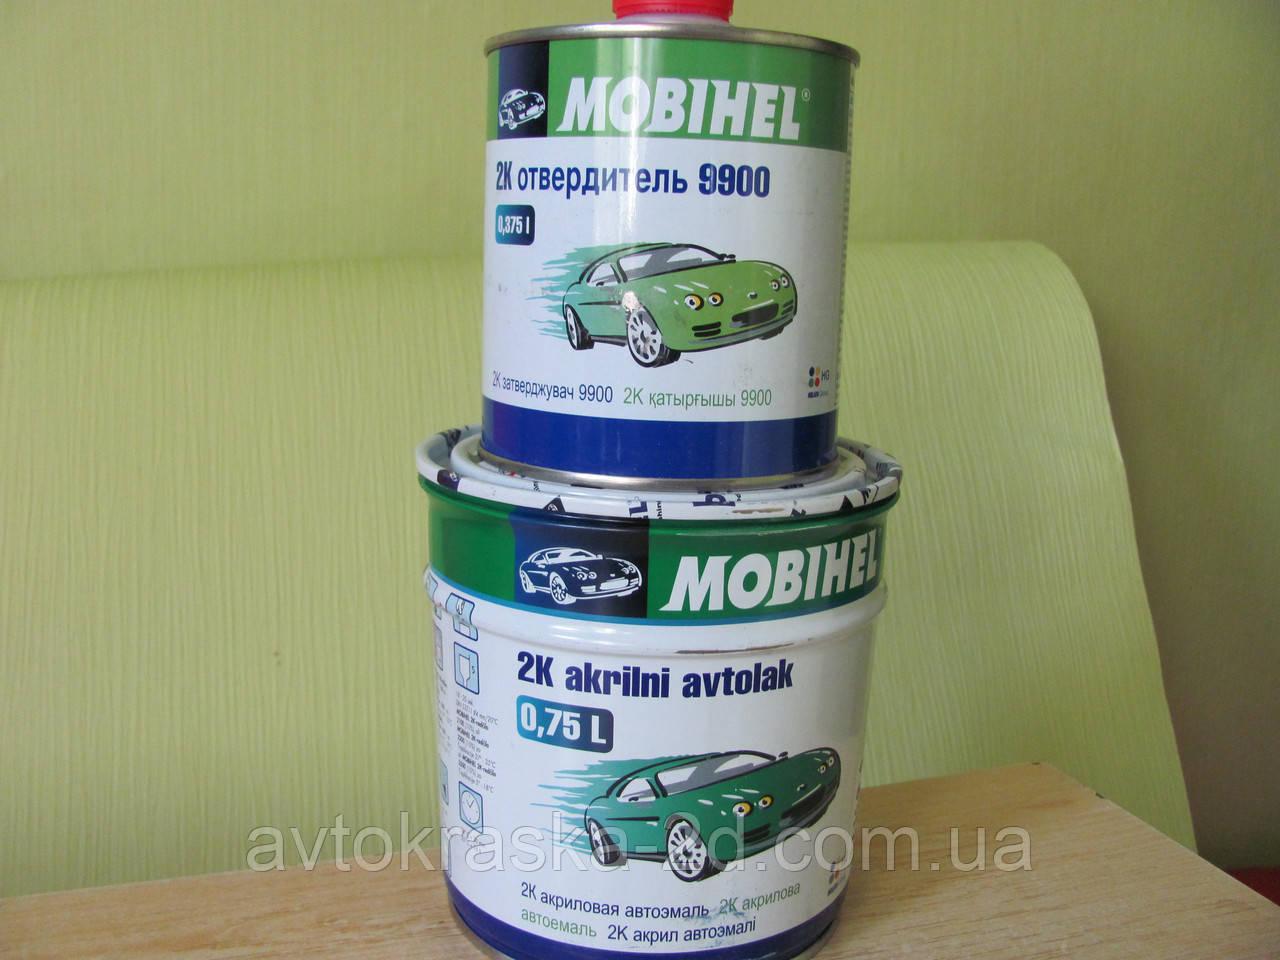 Акриловая автокраска MOBIHEL Темно зеленая № 394 (0,75 л) + отвердитель 9900 0,375 л